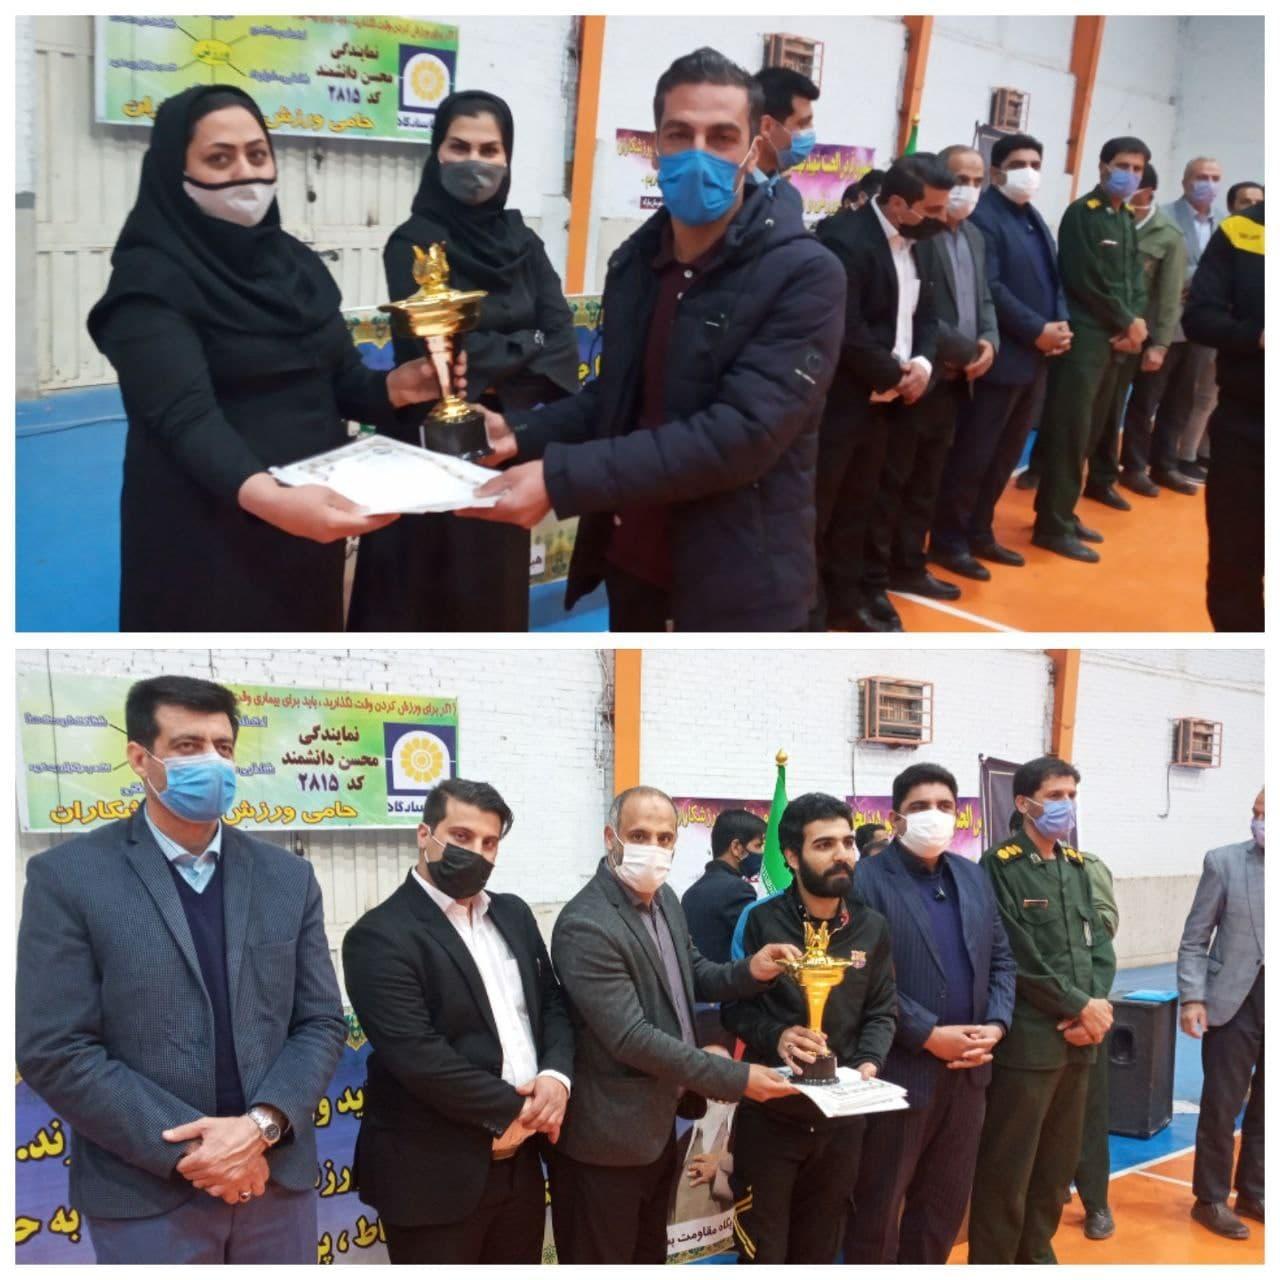 مراسم اختتامیه مسابقات فوتسال کارگران  در شهرستان مبارکه برگزار شد